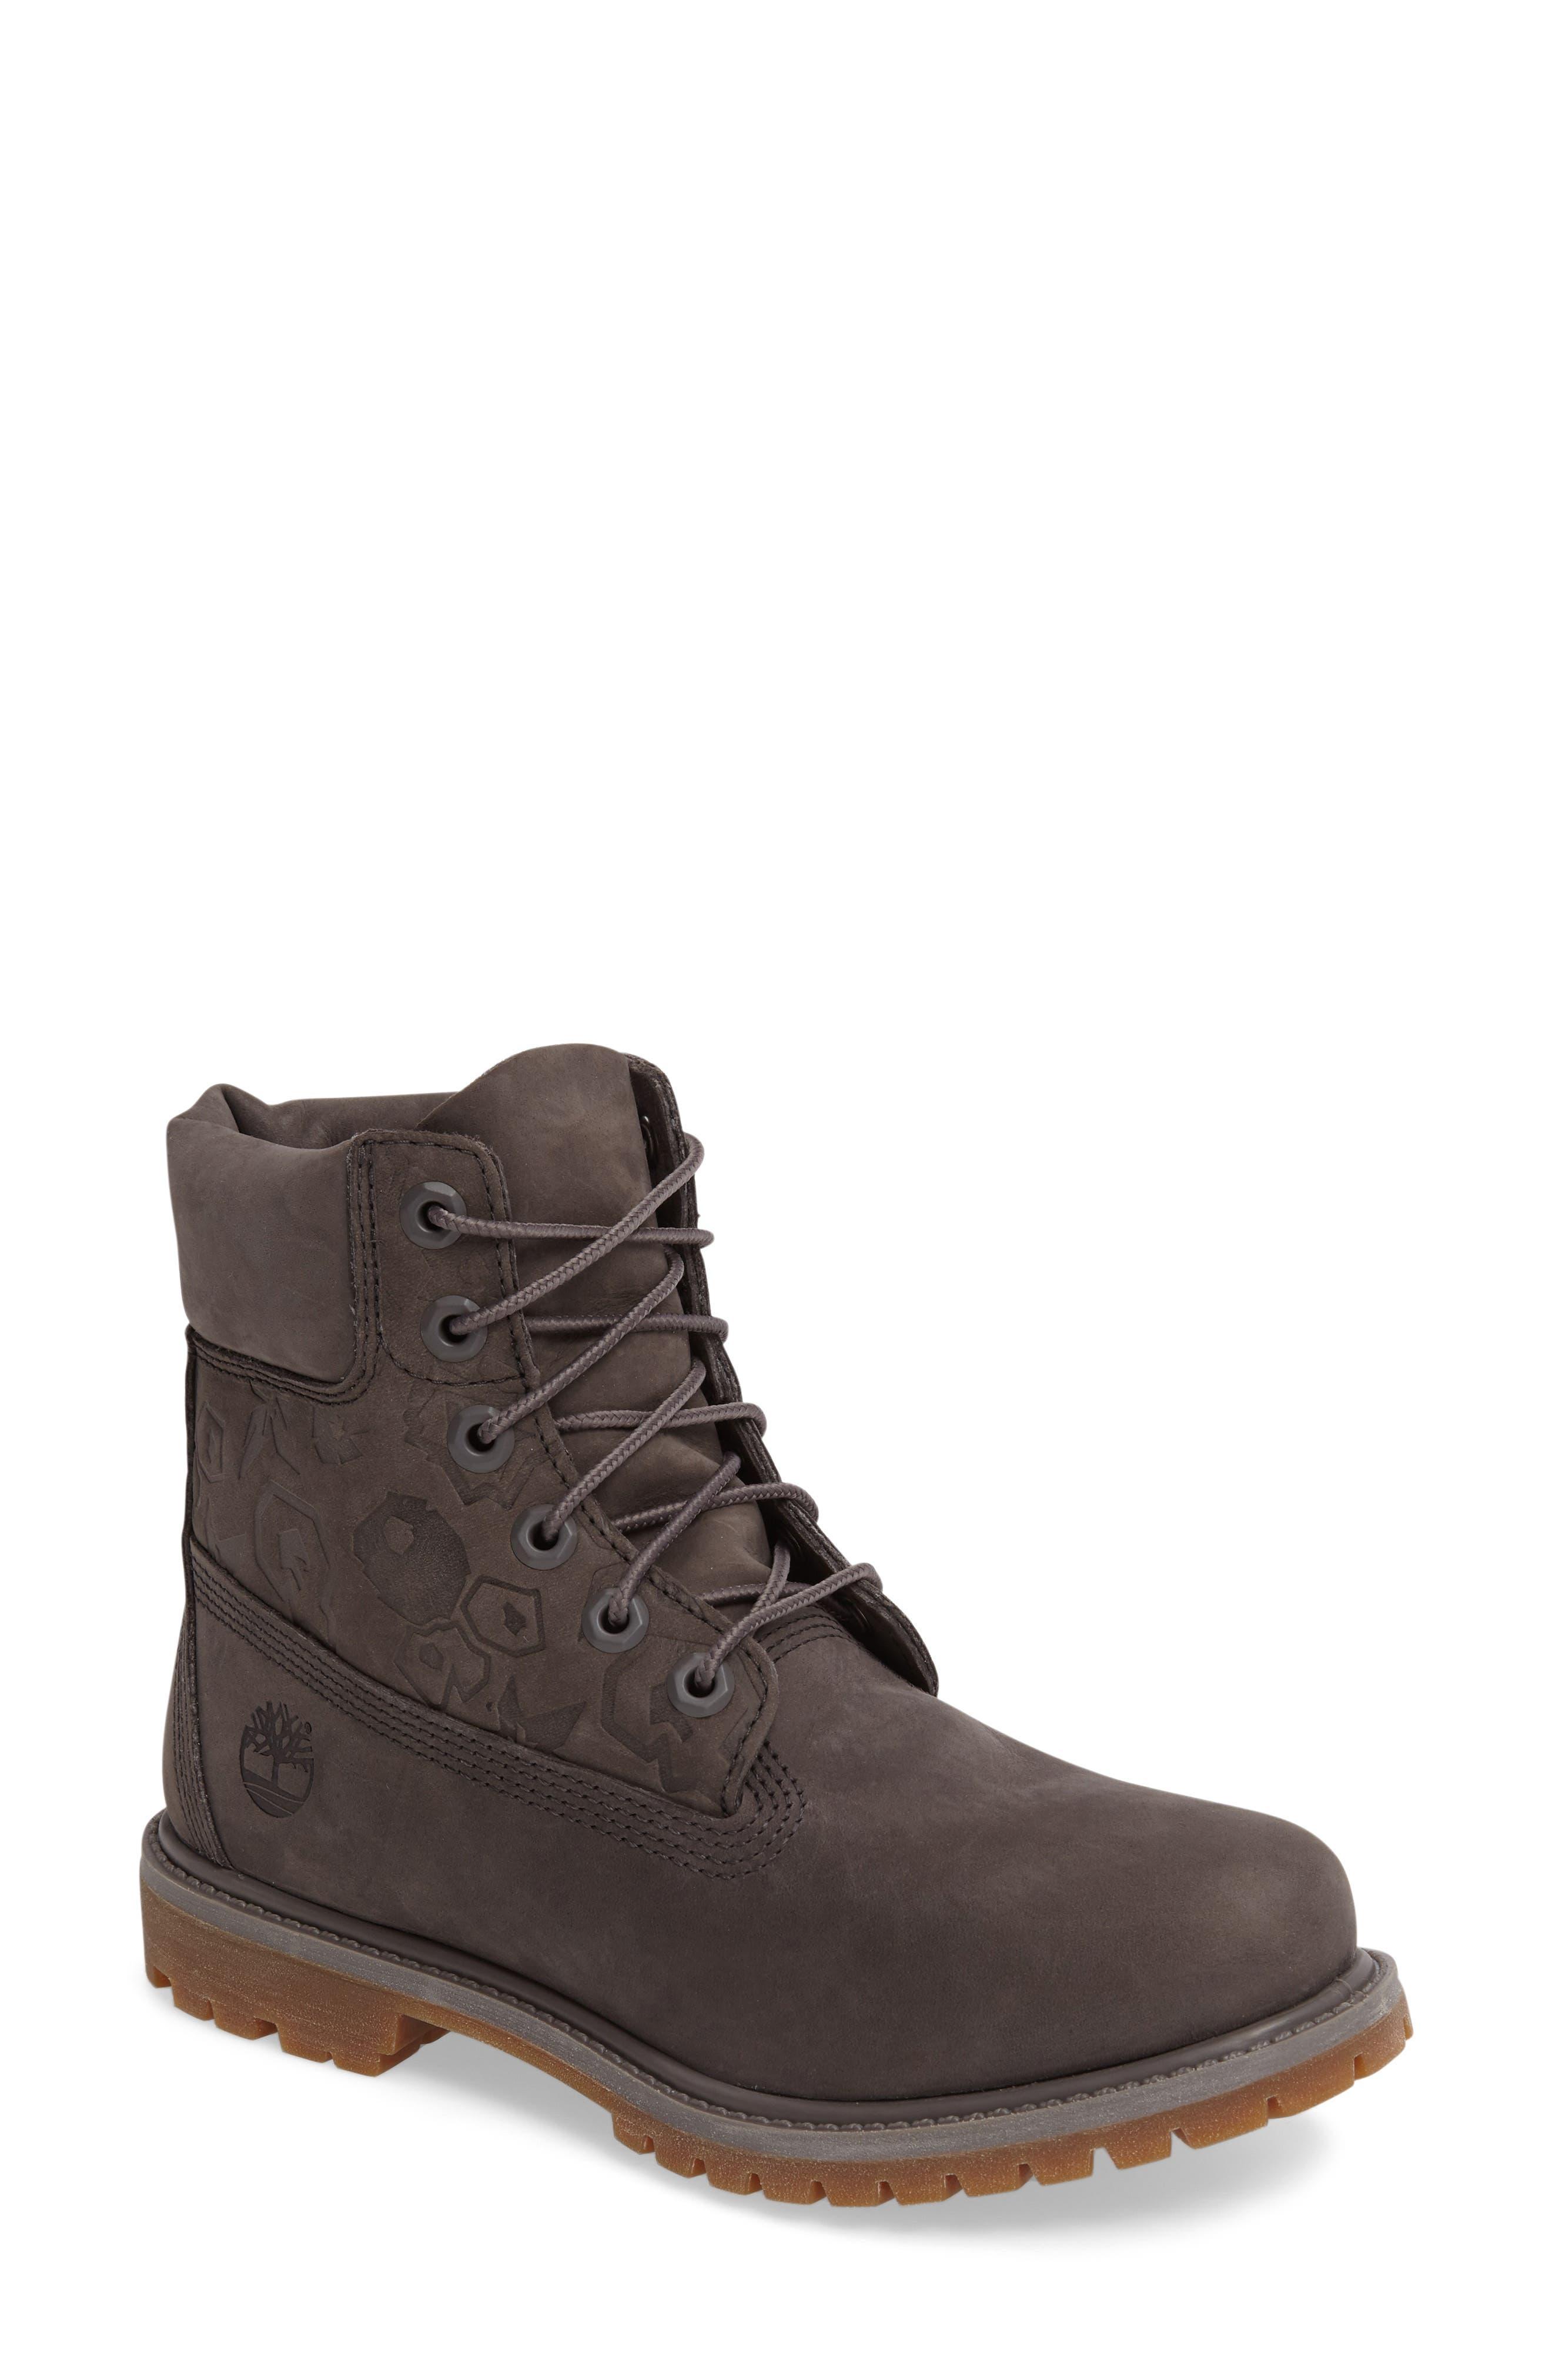 6-Inch Premium Embossed Waterproof Boot,                         Main,                         color, 021